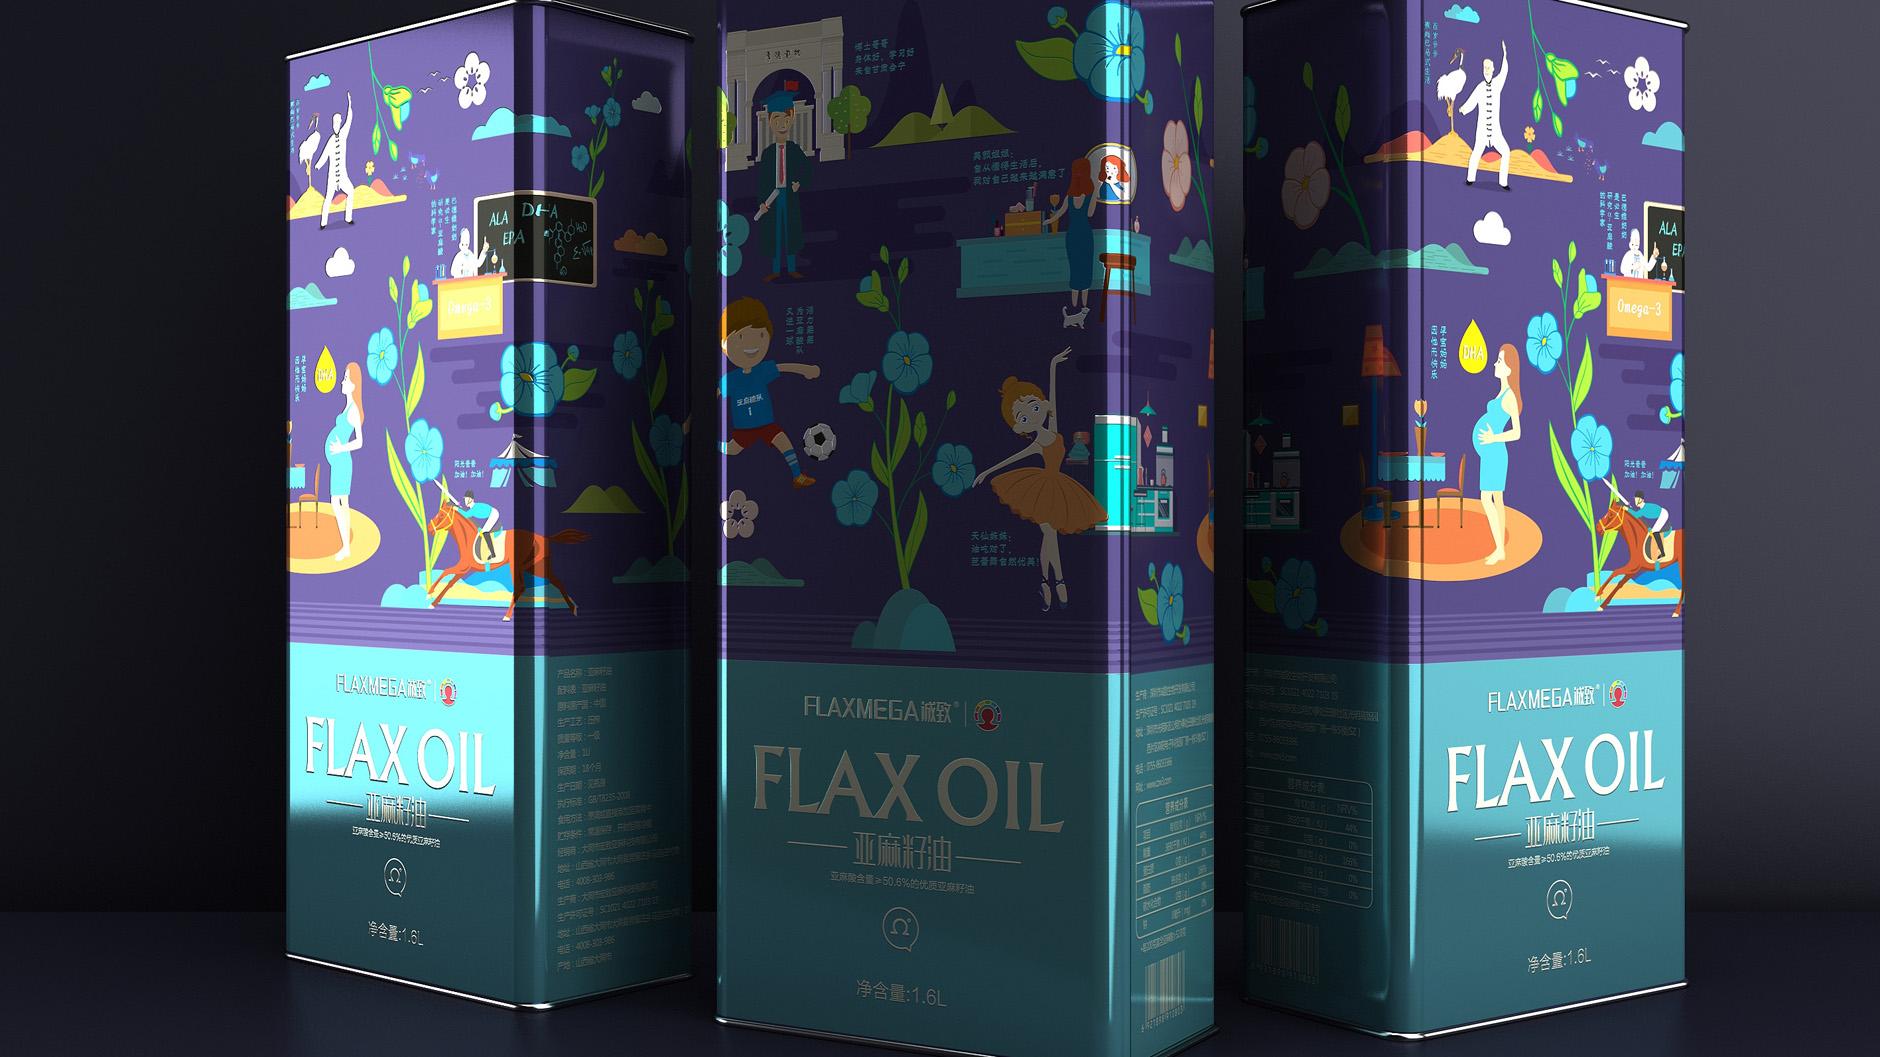 亚麻籽油包装设计 食用油包装设计 烹饪油包装设计